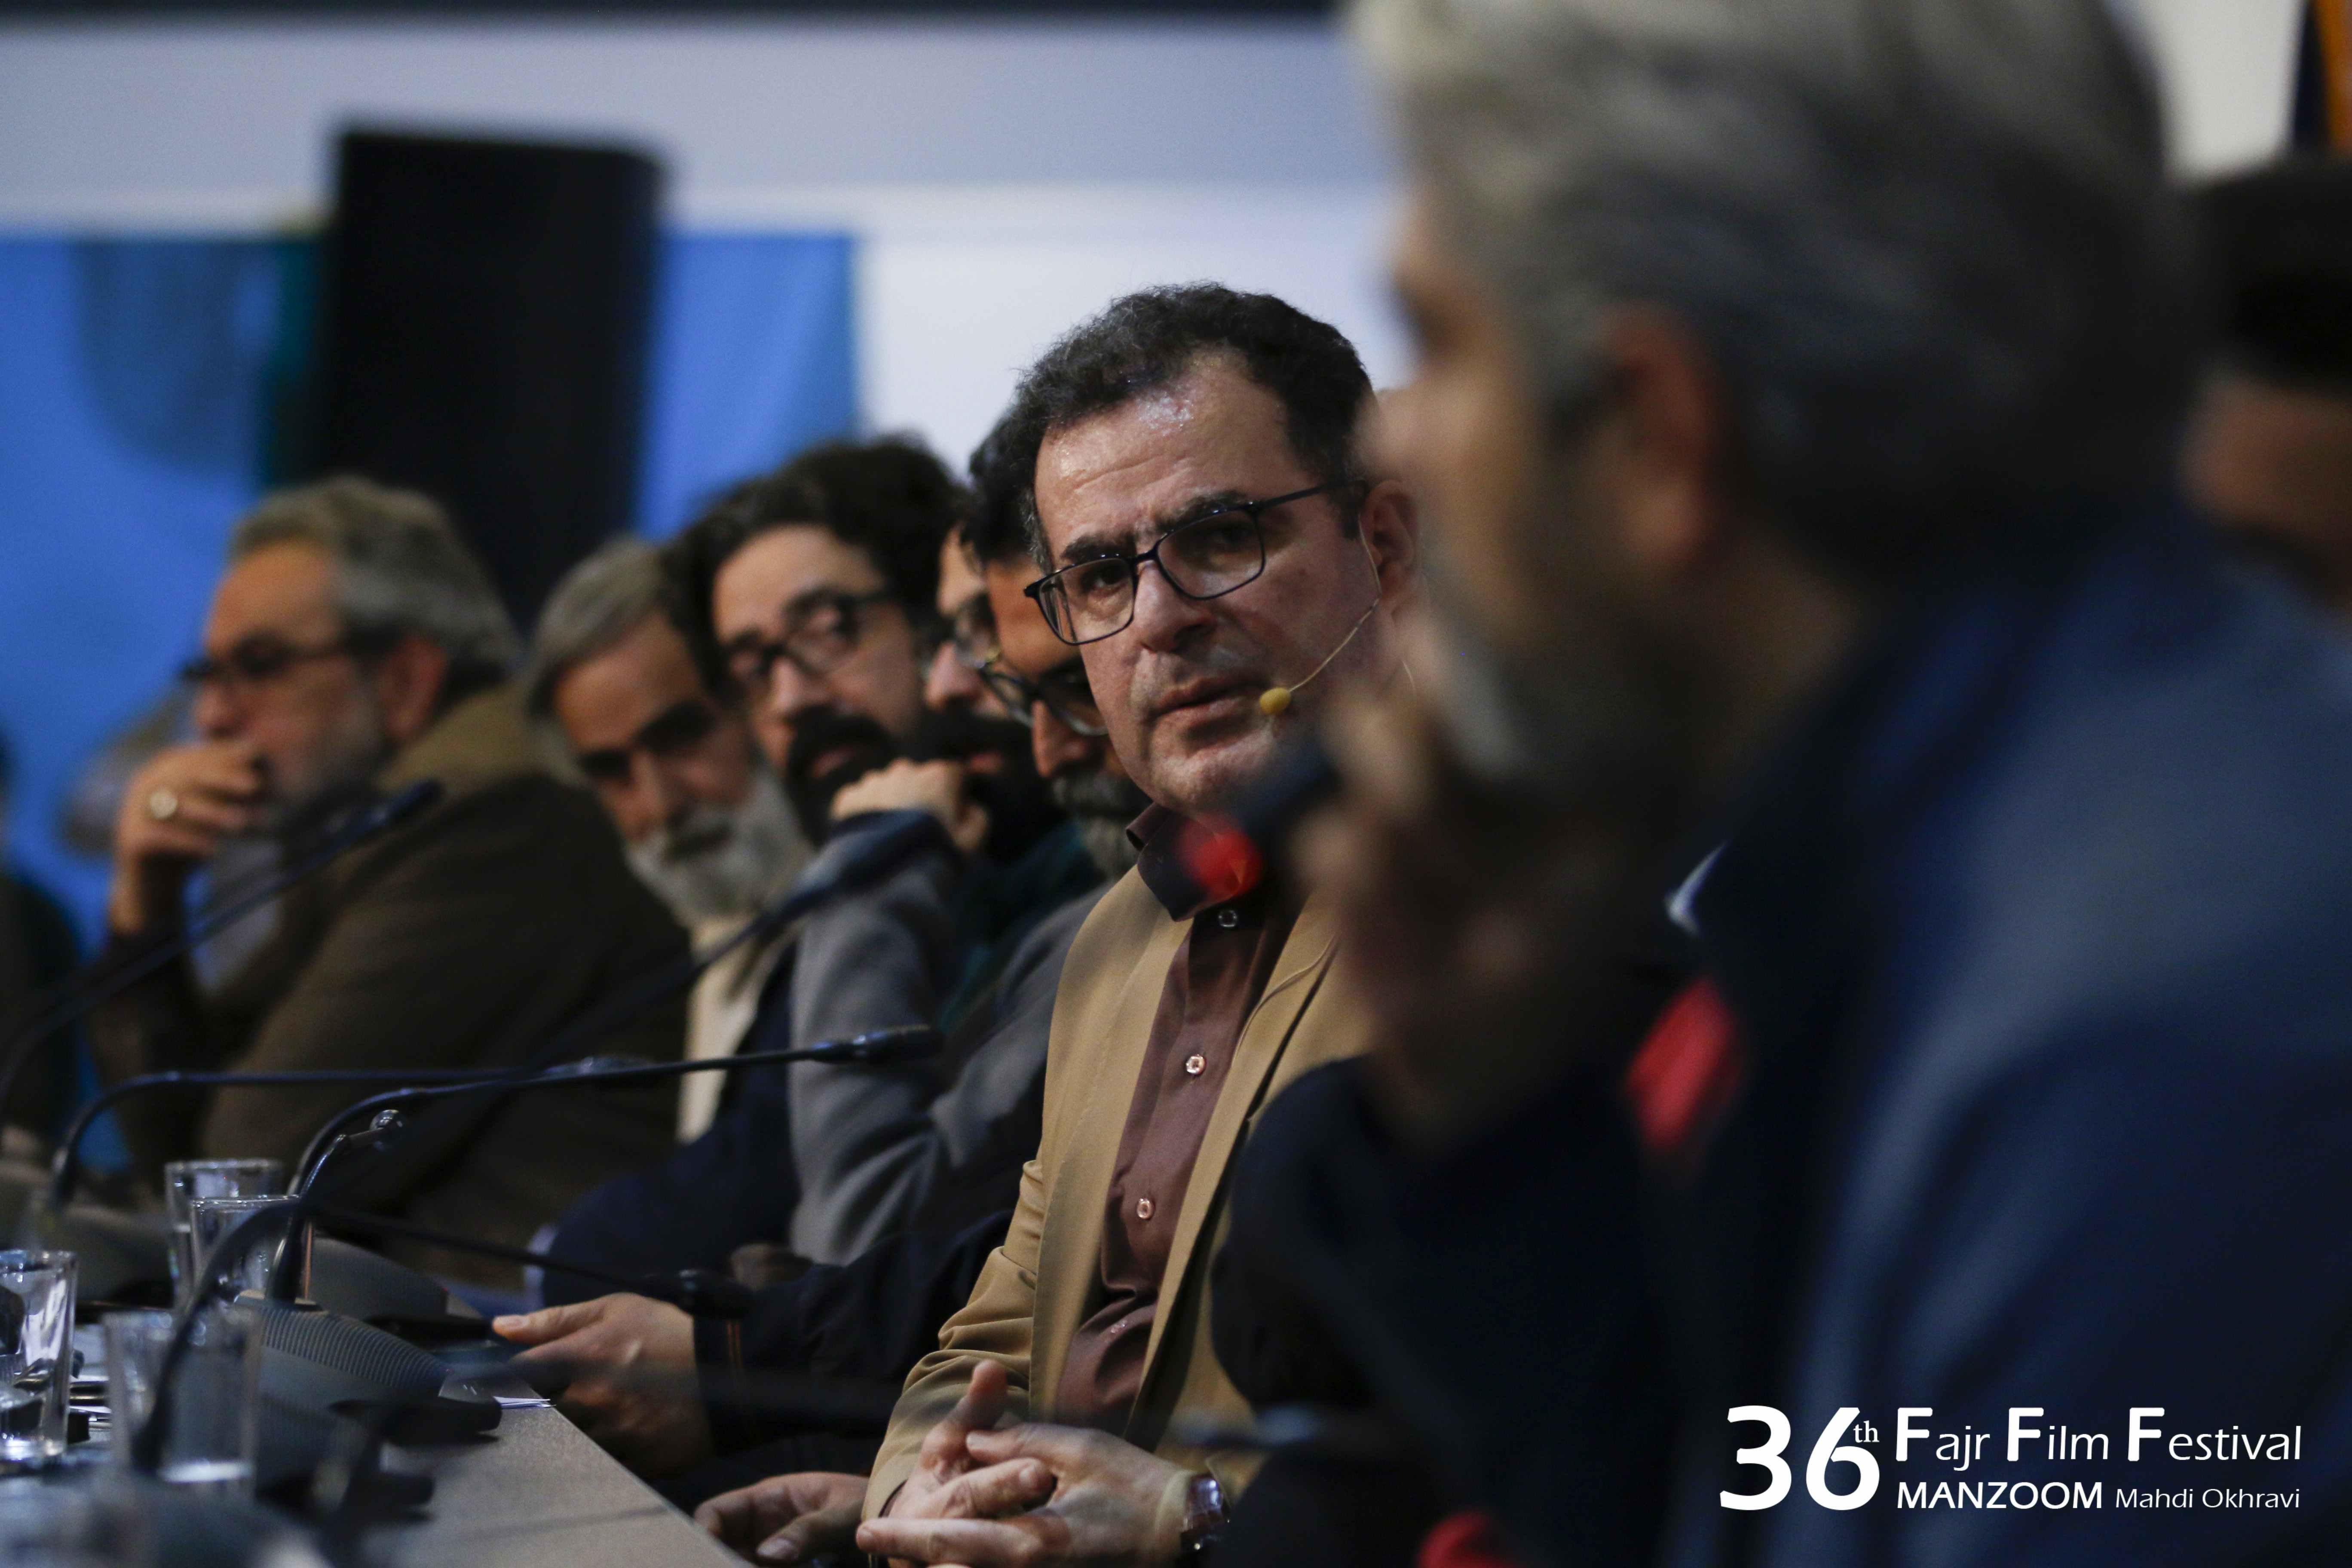 محسن روزبهانی در نشست خبری فیلم سینمایی تنگه ابوقریب به همراه حامد ثابت و محمود گبرلو